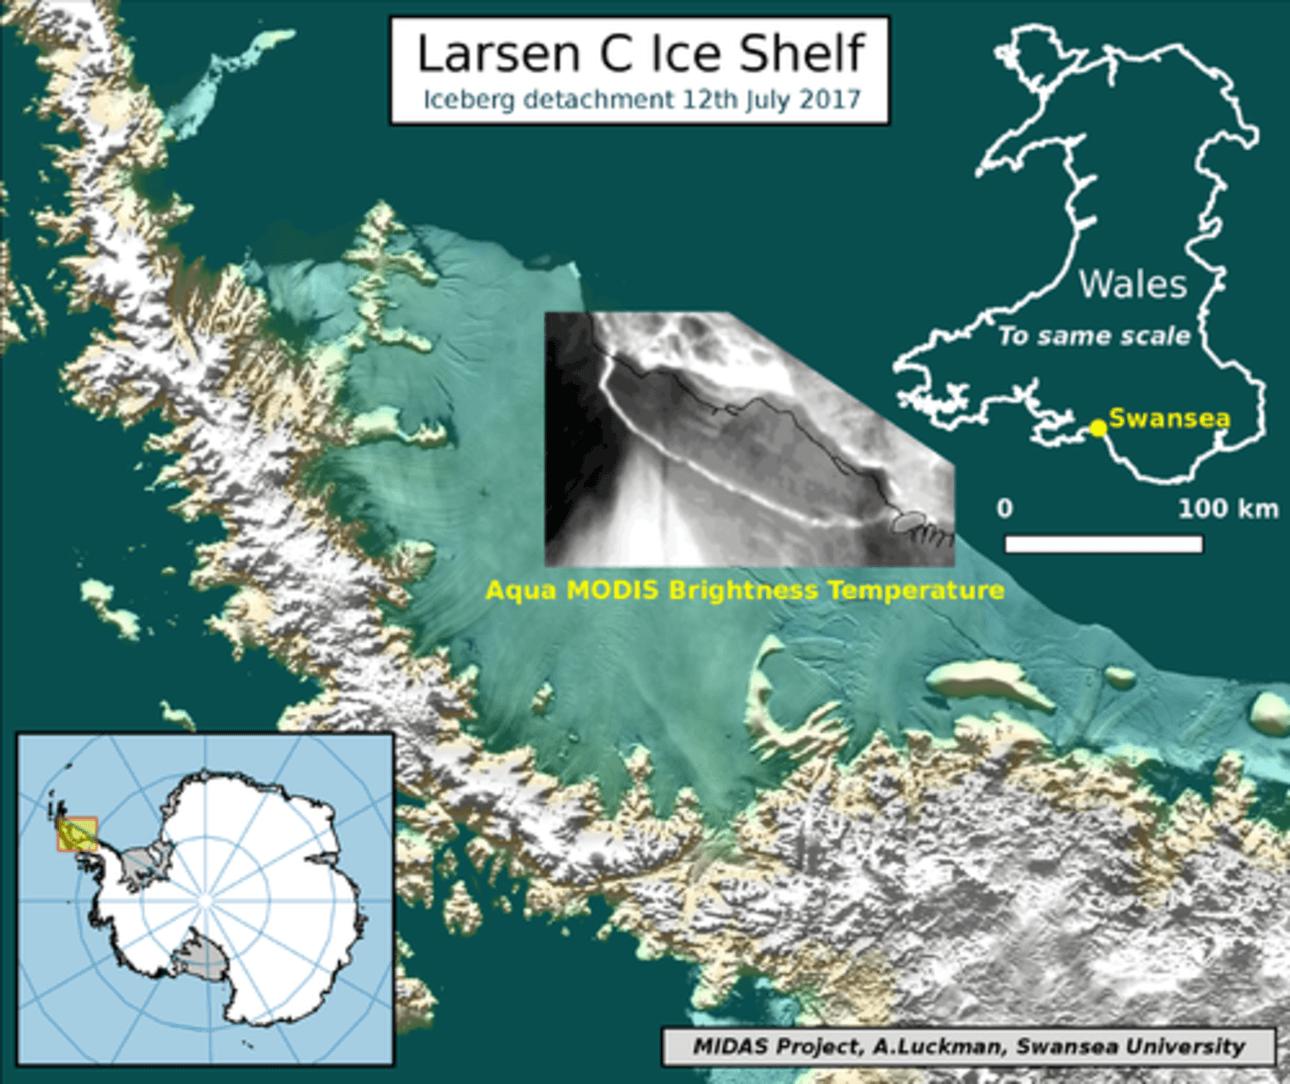 L'iceberg géant s'est finalement détaché de Larsen C